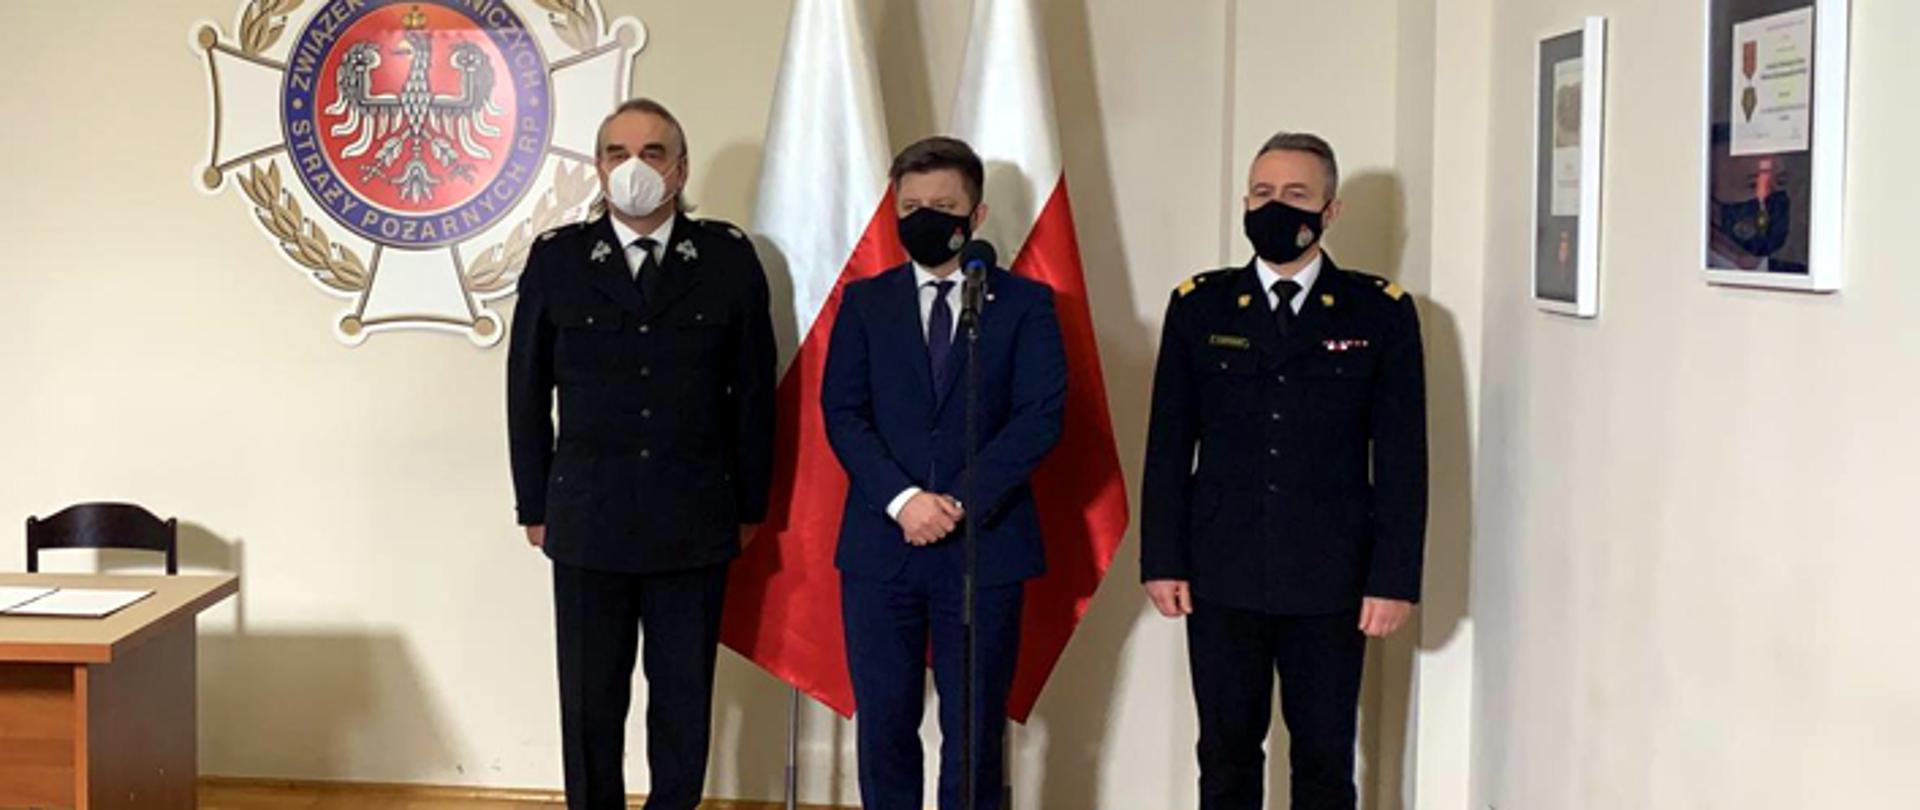 Spotkanie komendanta głównego PSP nadbryg. Andrzeja Bartkowiaka z przedstawicielami rządu i władzami ZG ZOSP RP.